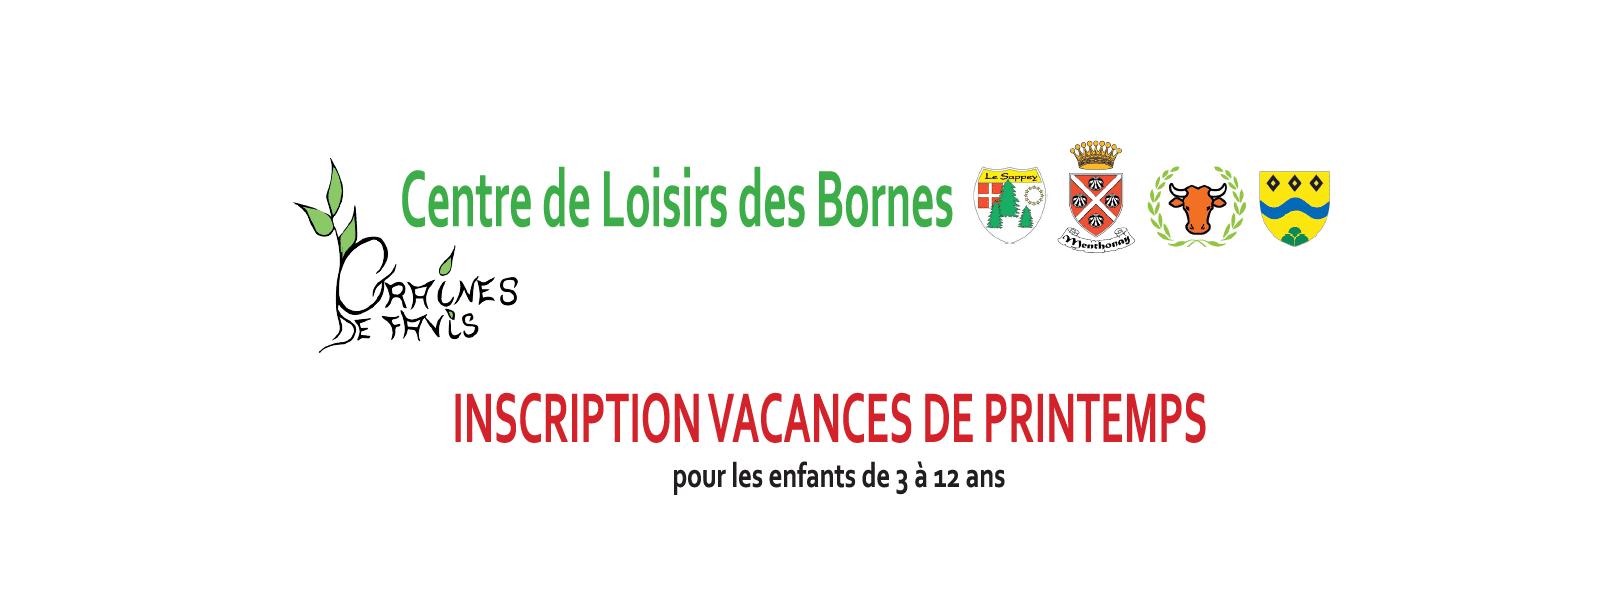 Centre de Loisirs des Bornes - Inscriptions vacances de printemps 2017.